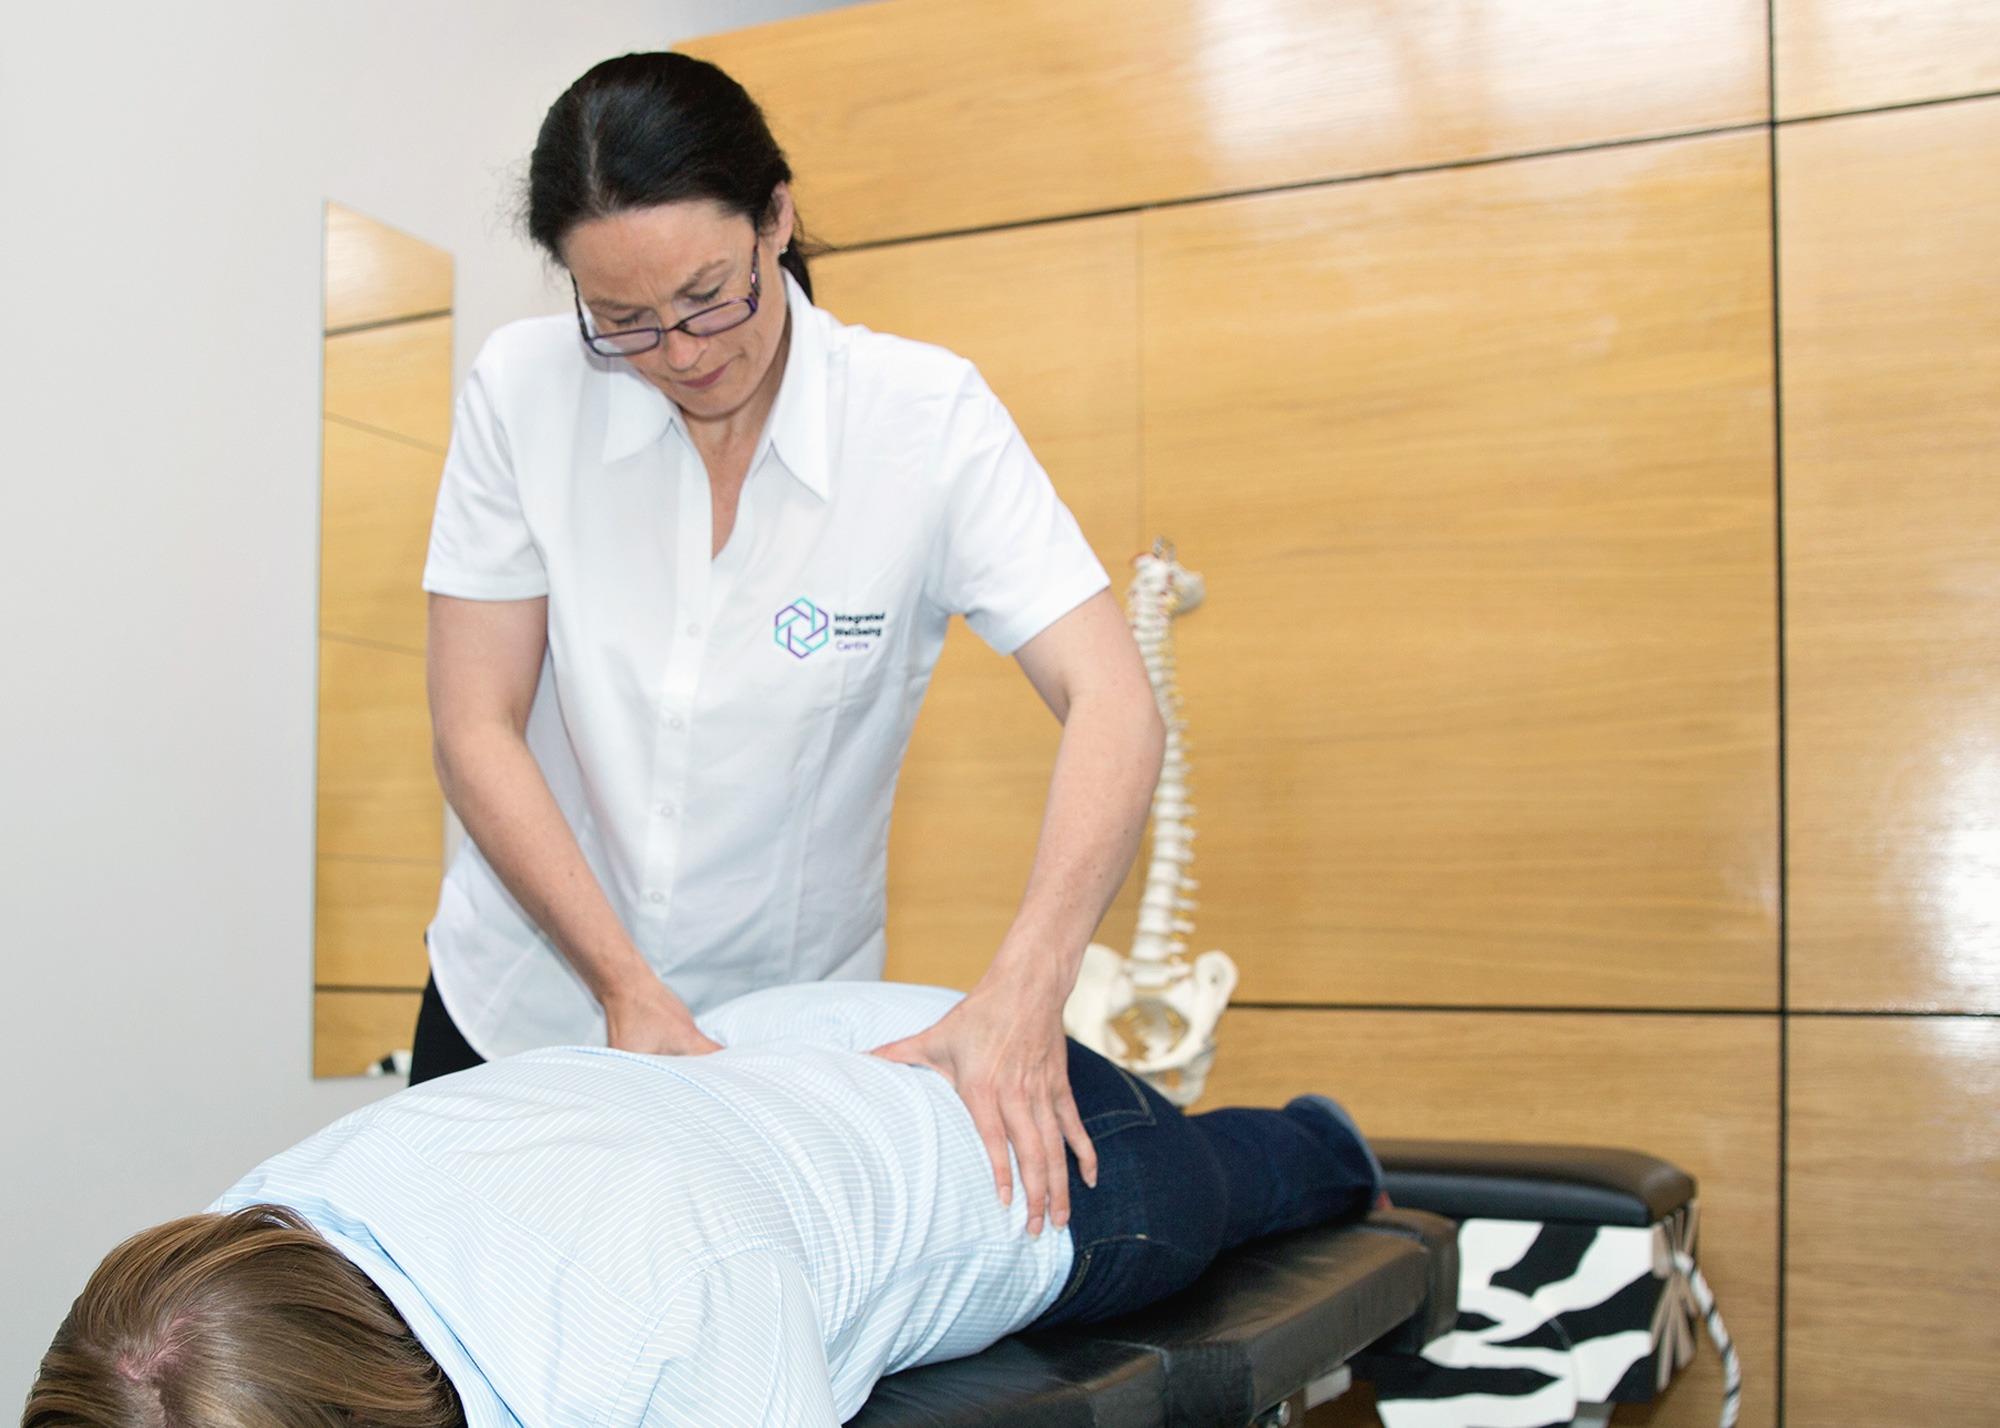 chiropractic-room